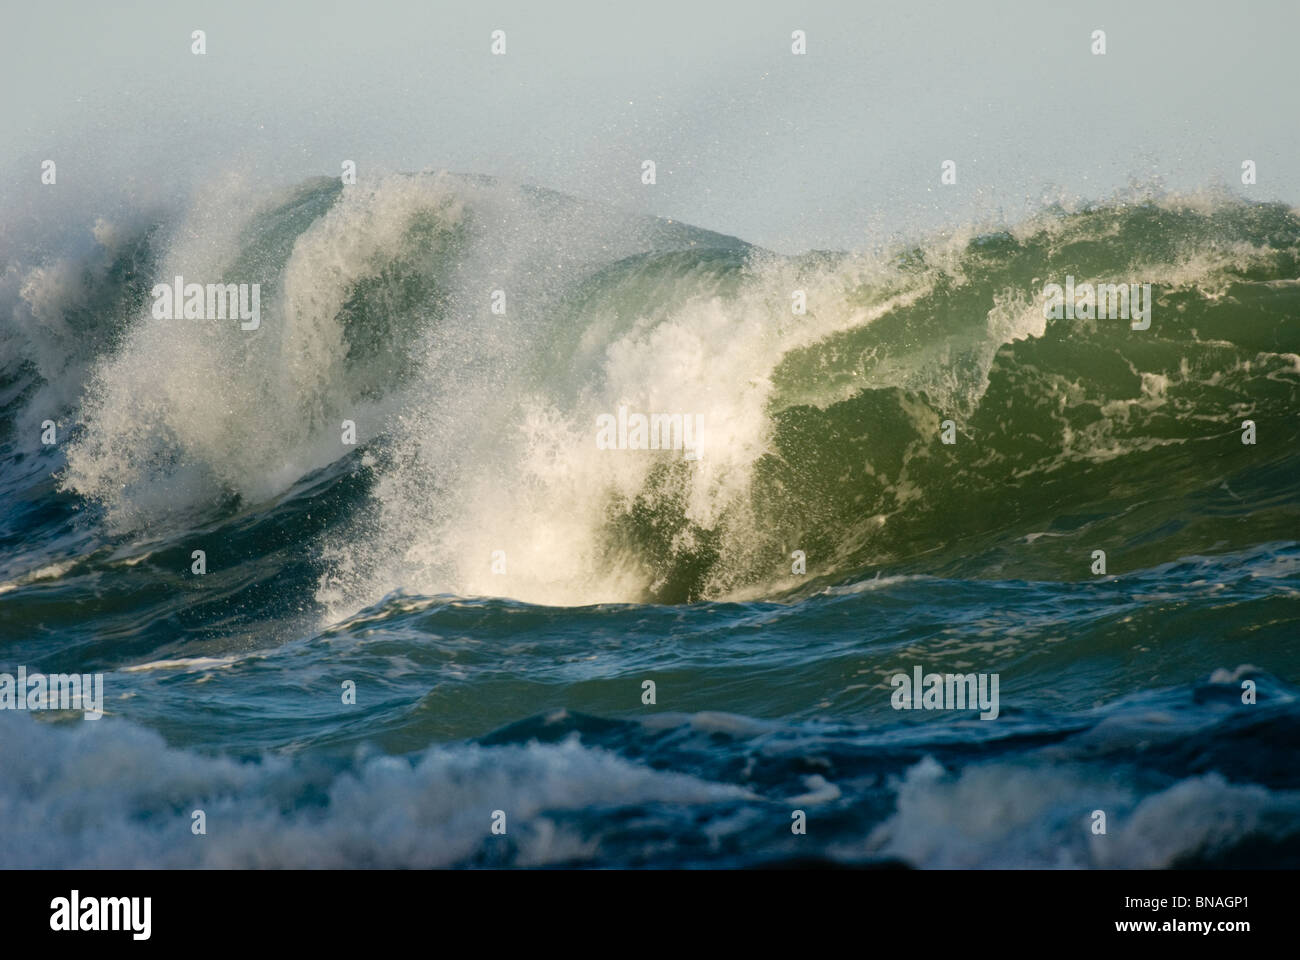 Waves crashing on rocks Kaikoura New Zealand - Stock Image